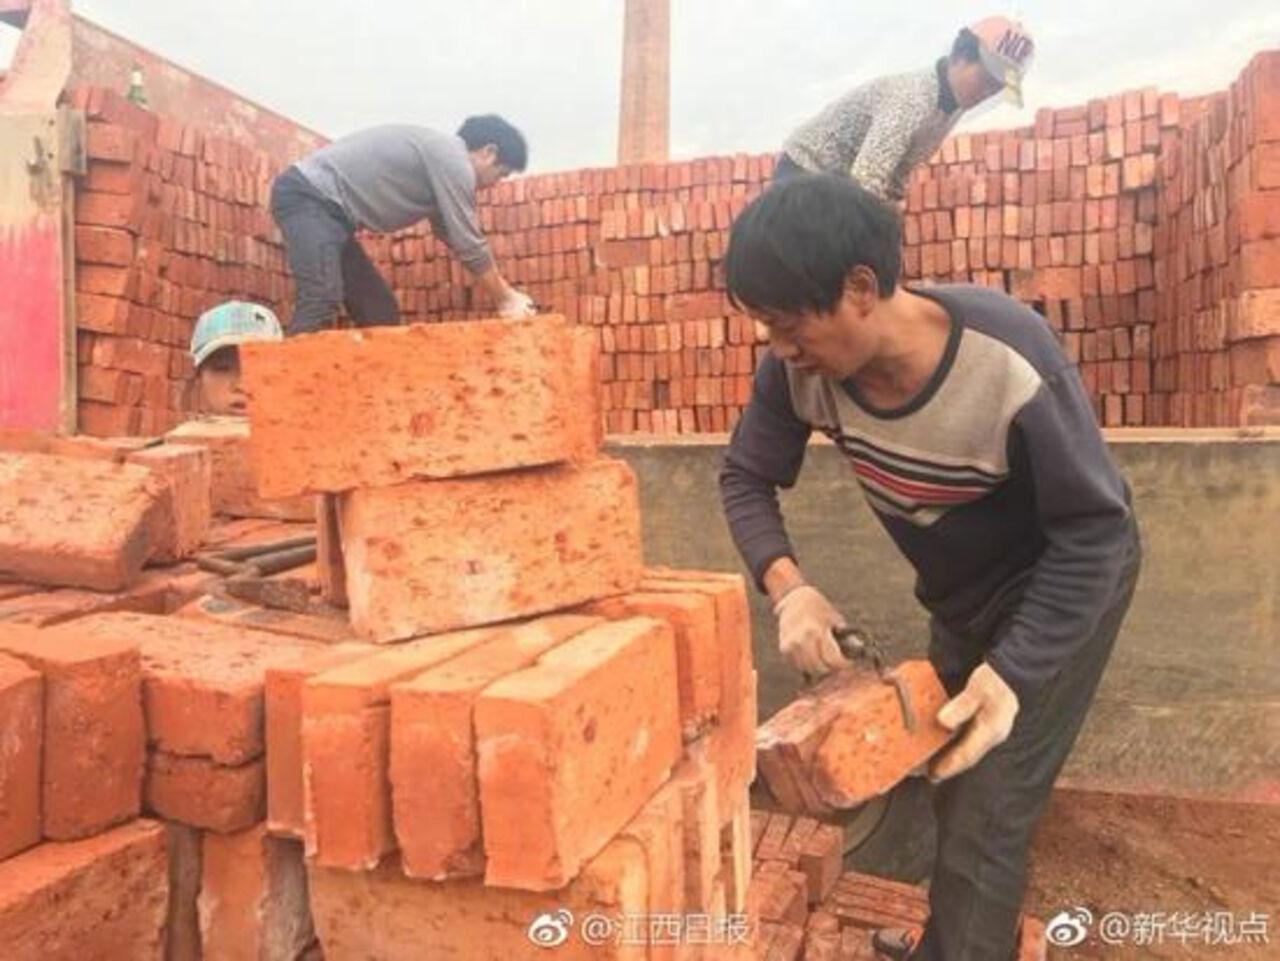 Китайский фабрикант навалил рабочим кирпичей вместо заработной платы